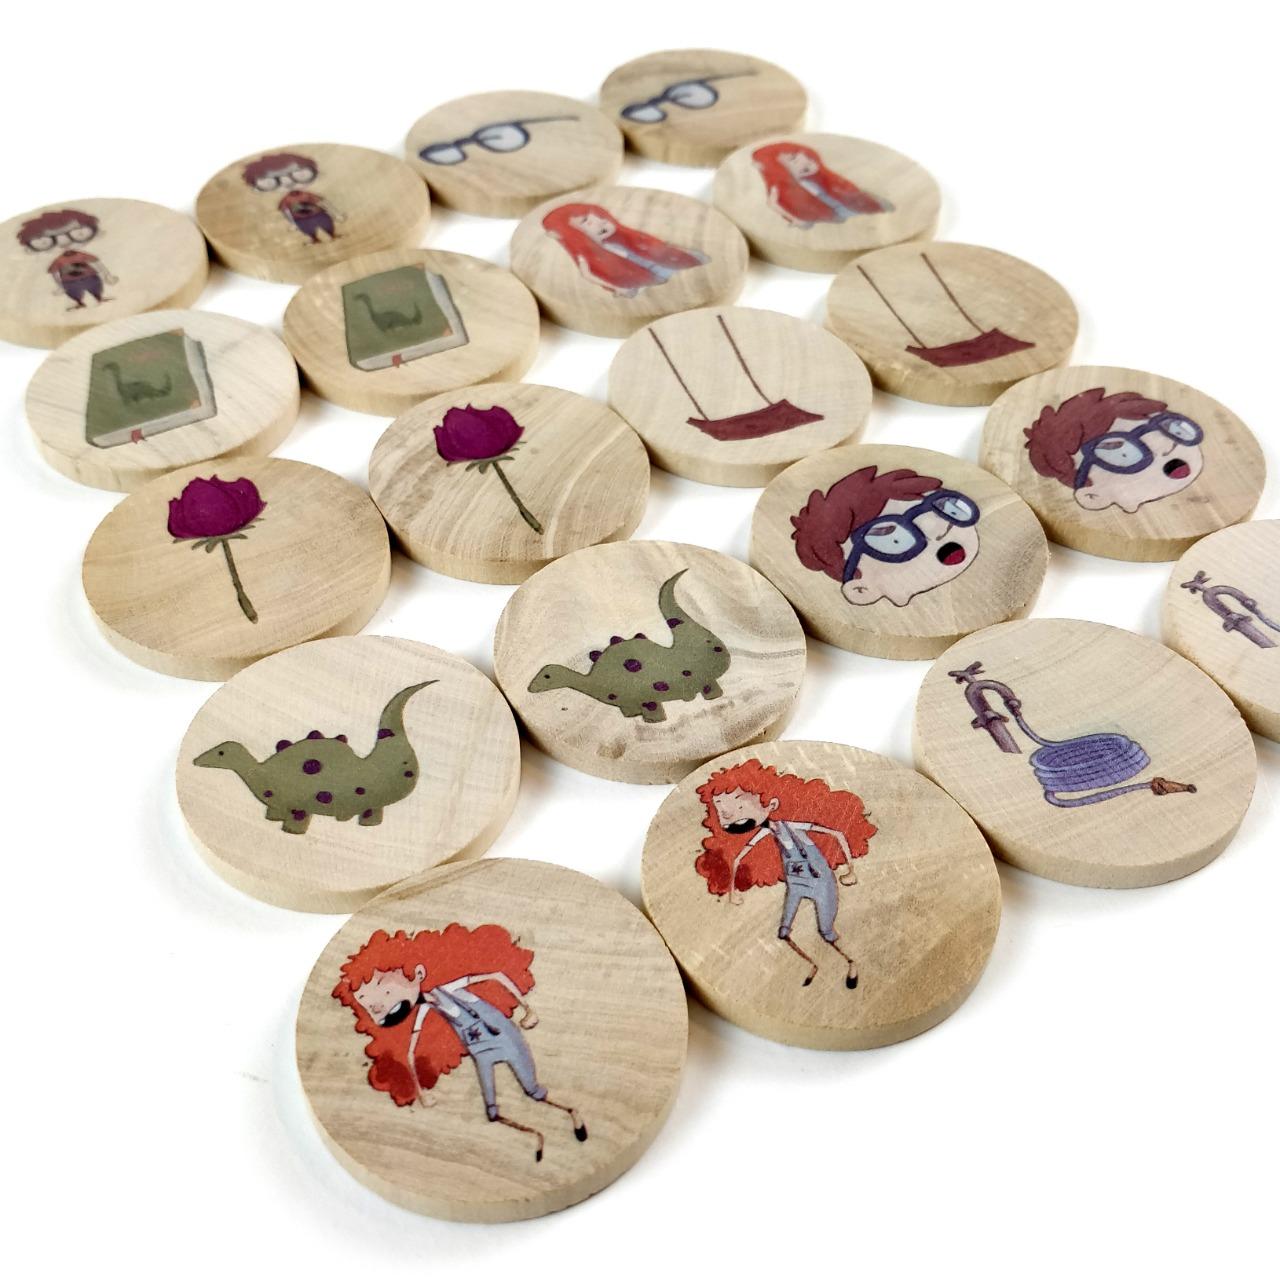 KIT 1 livro O Menino que se escondia + JOGO da memória  - Elefante Colorido Brinquedos Educativos